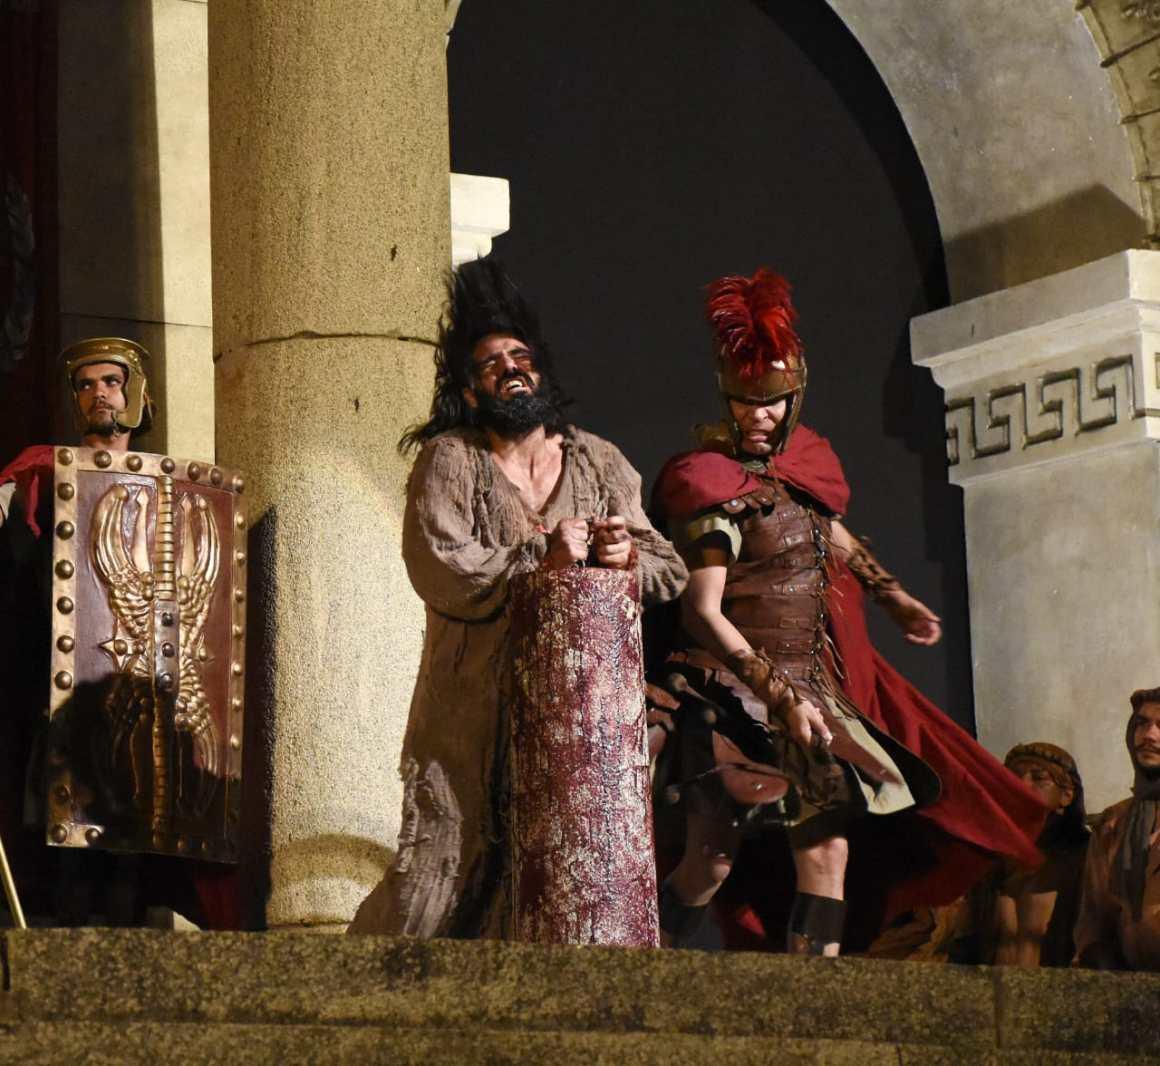 Espetáculo da Paixão de Cristo de Nova Jerusalém seja registrado como Patrimônio Imaterial Cultural do Brasil